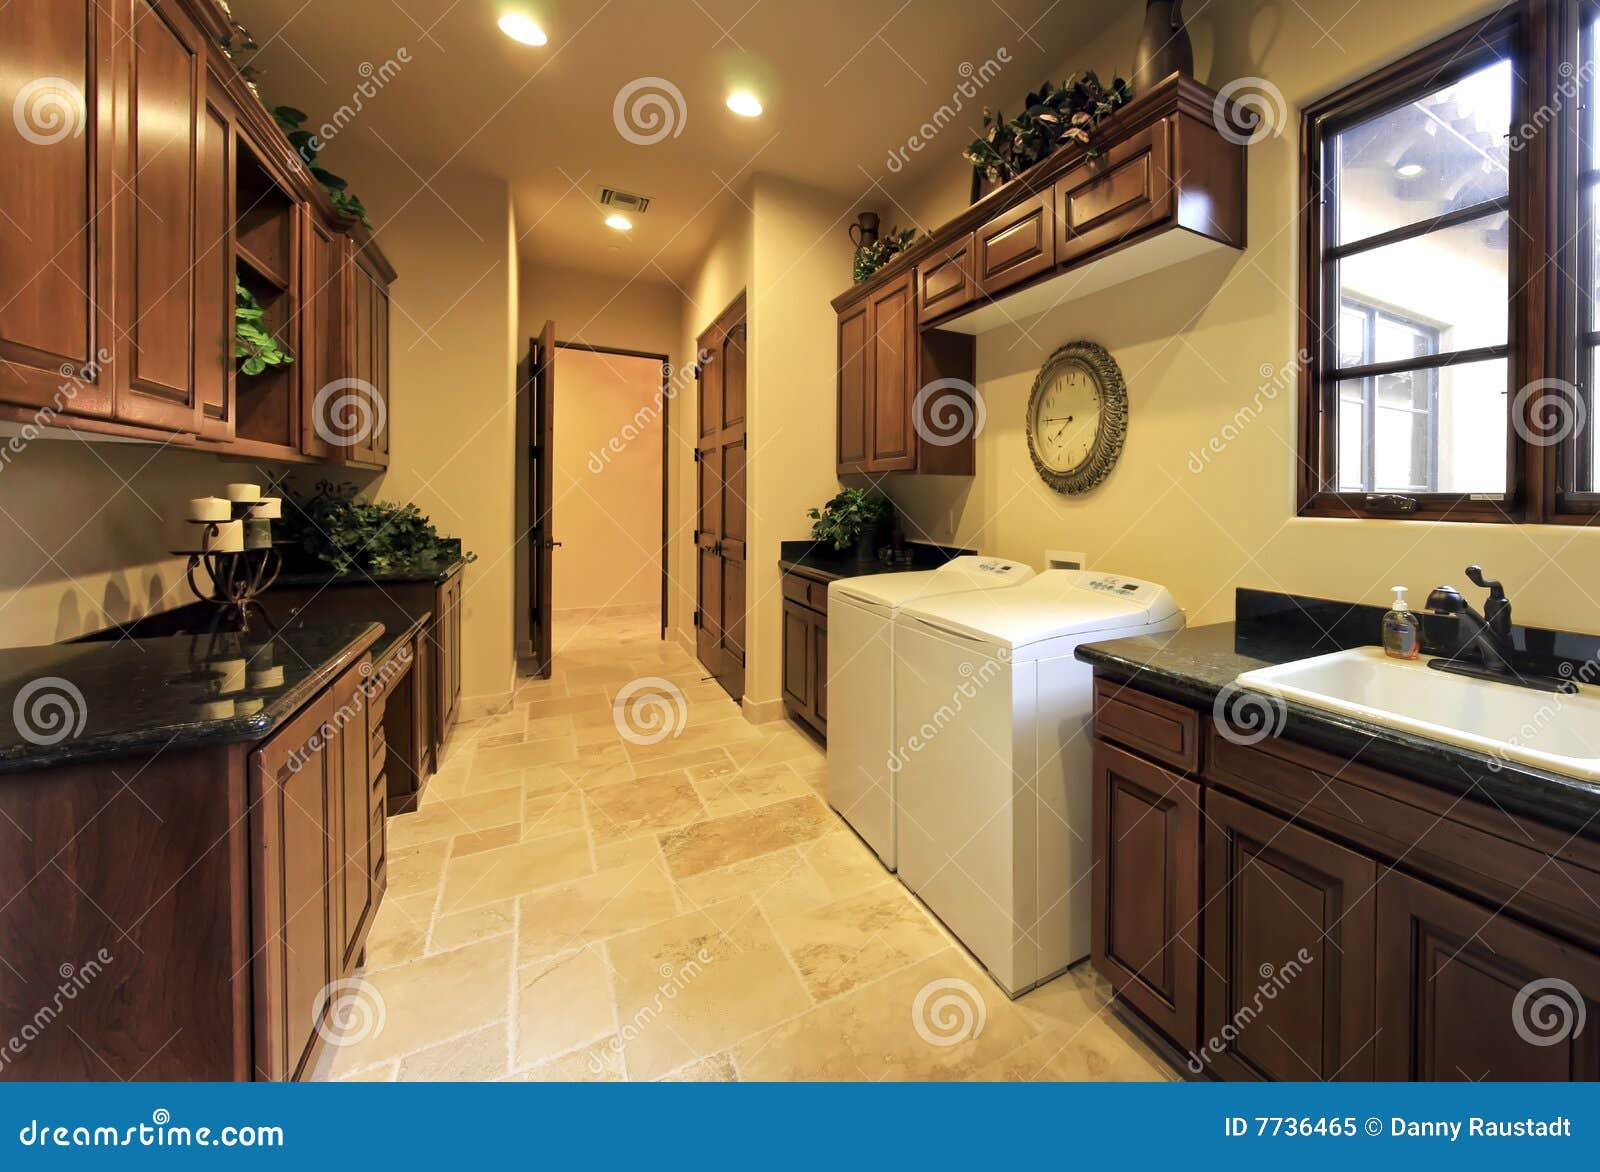 Utilitaire spacieux à la maison de pièce de blanchisserie